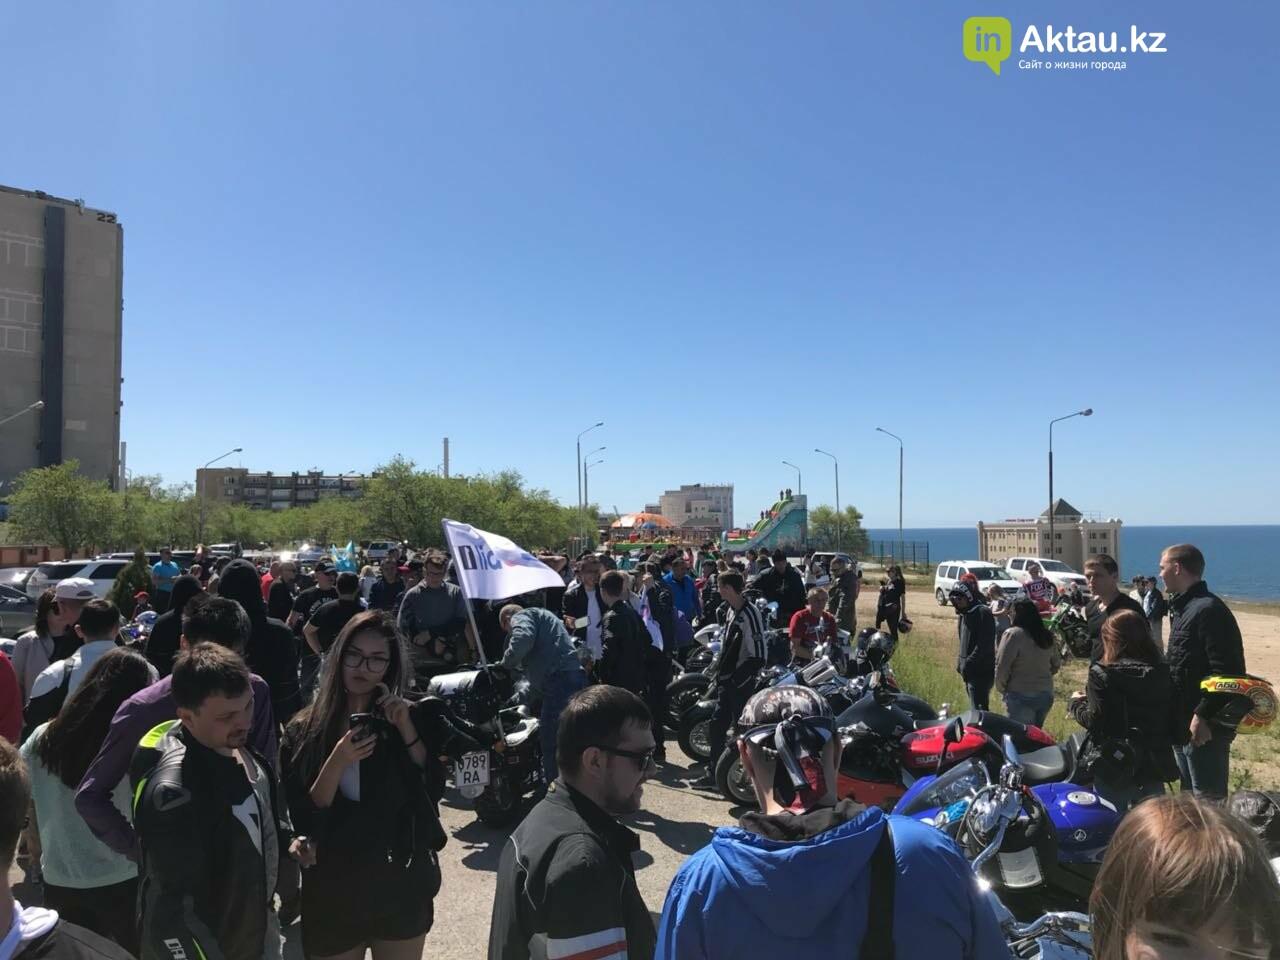 Байкеры открыли мотосезон в Актау (ФОТО), фото-3